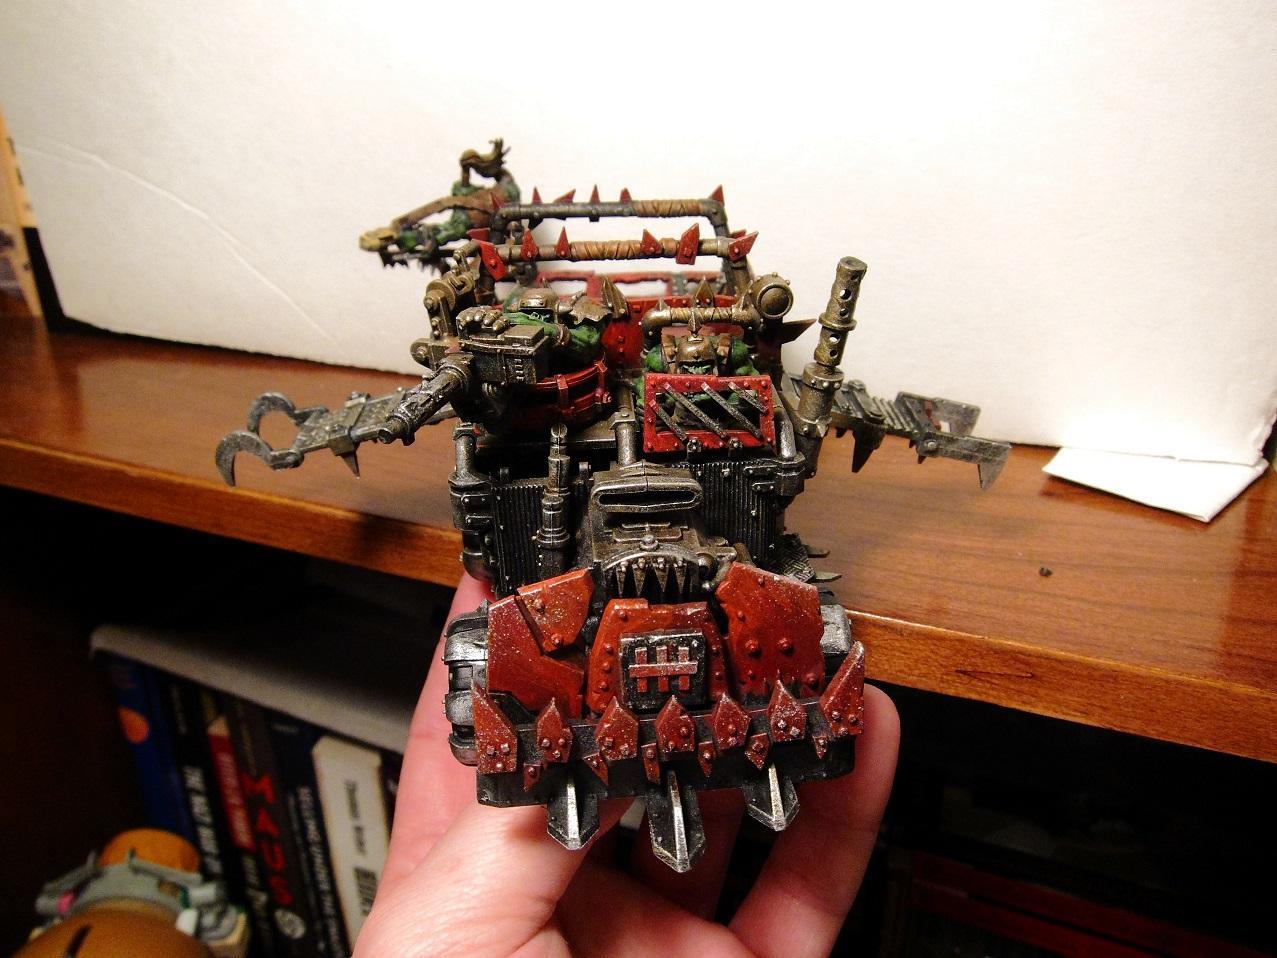 Open Topped, Ork Trukk, Ork Trukks, Orks, Trukk, Trukks, Vehicle